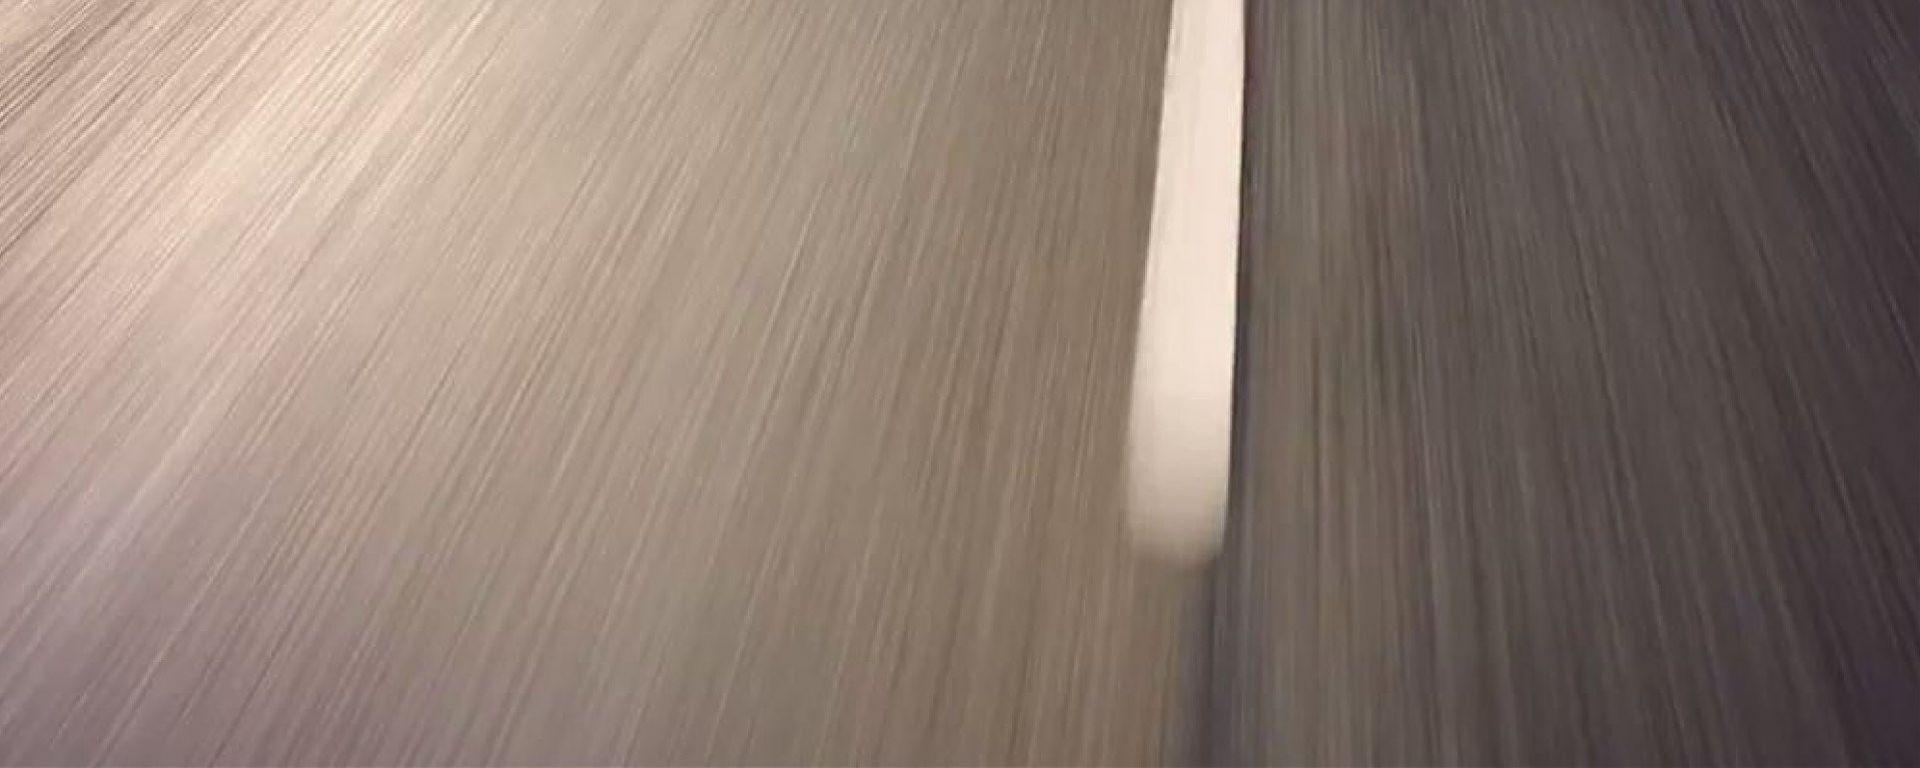 Bugatti: il teaser della Chiron